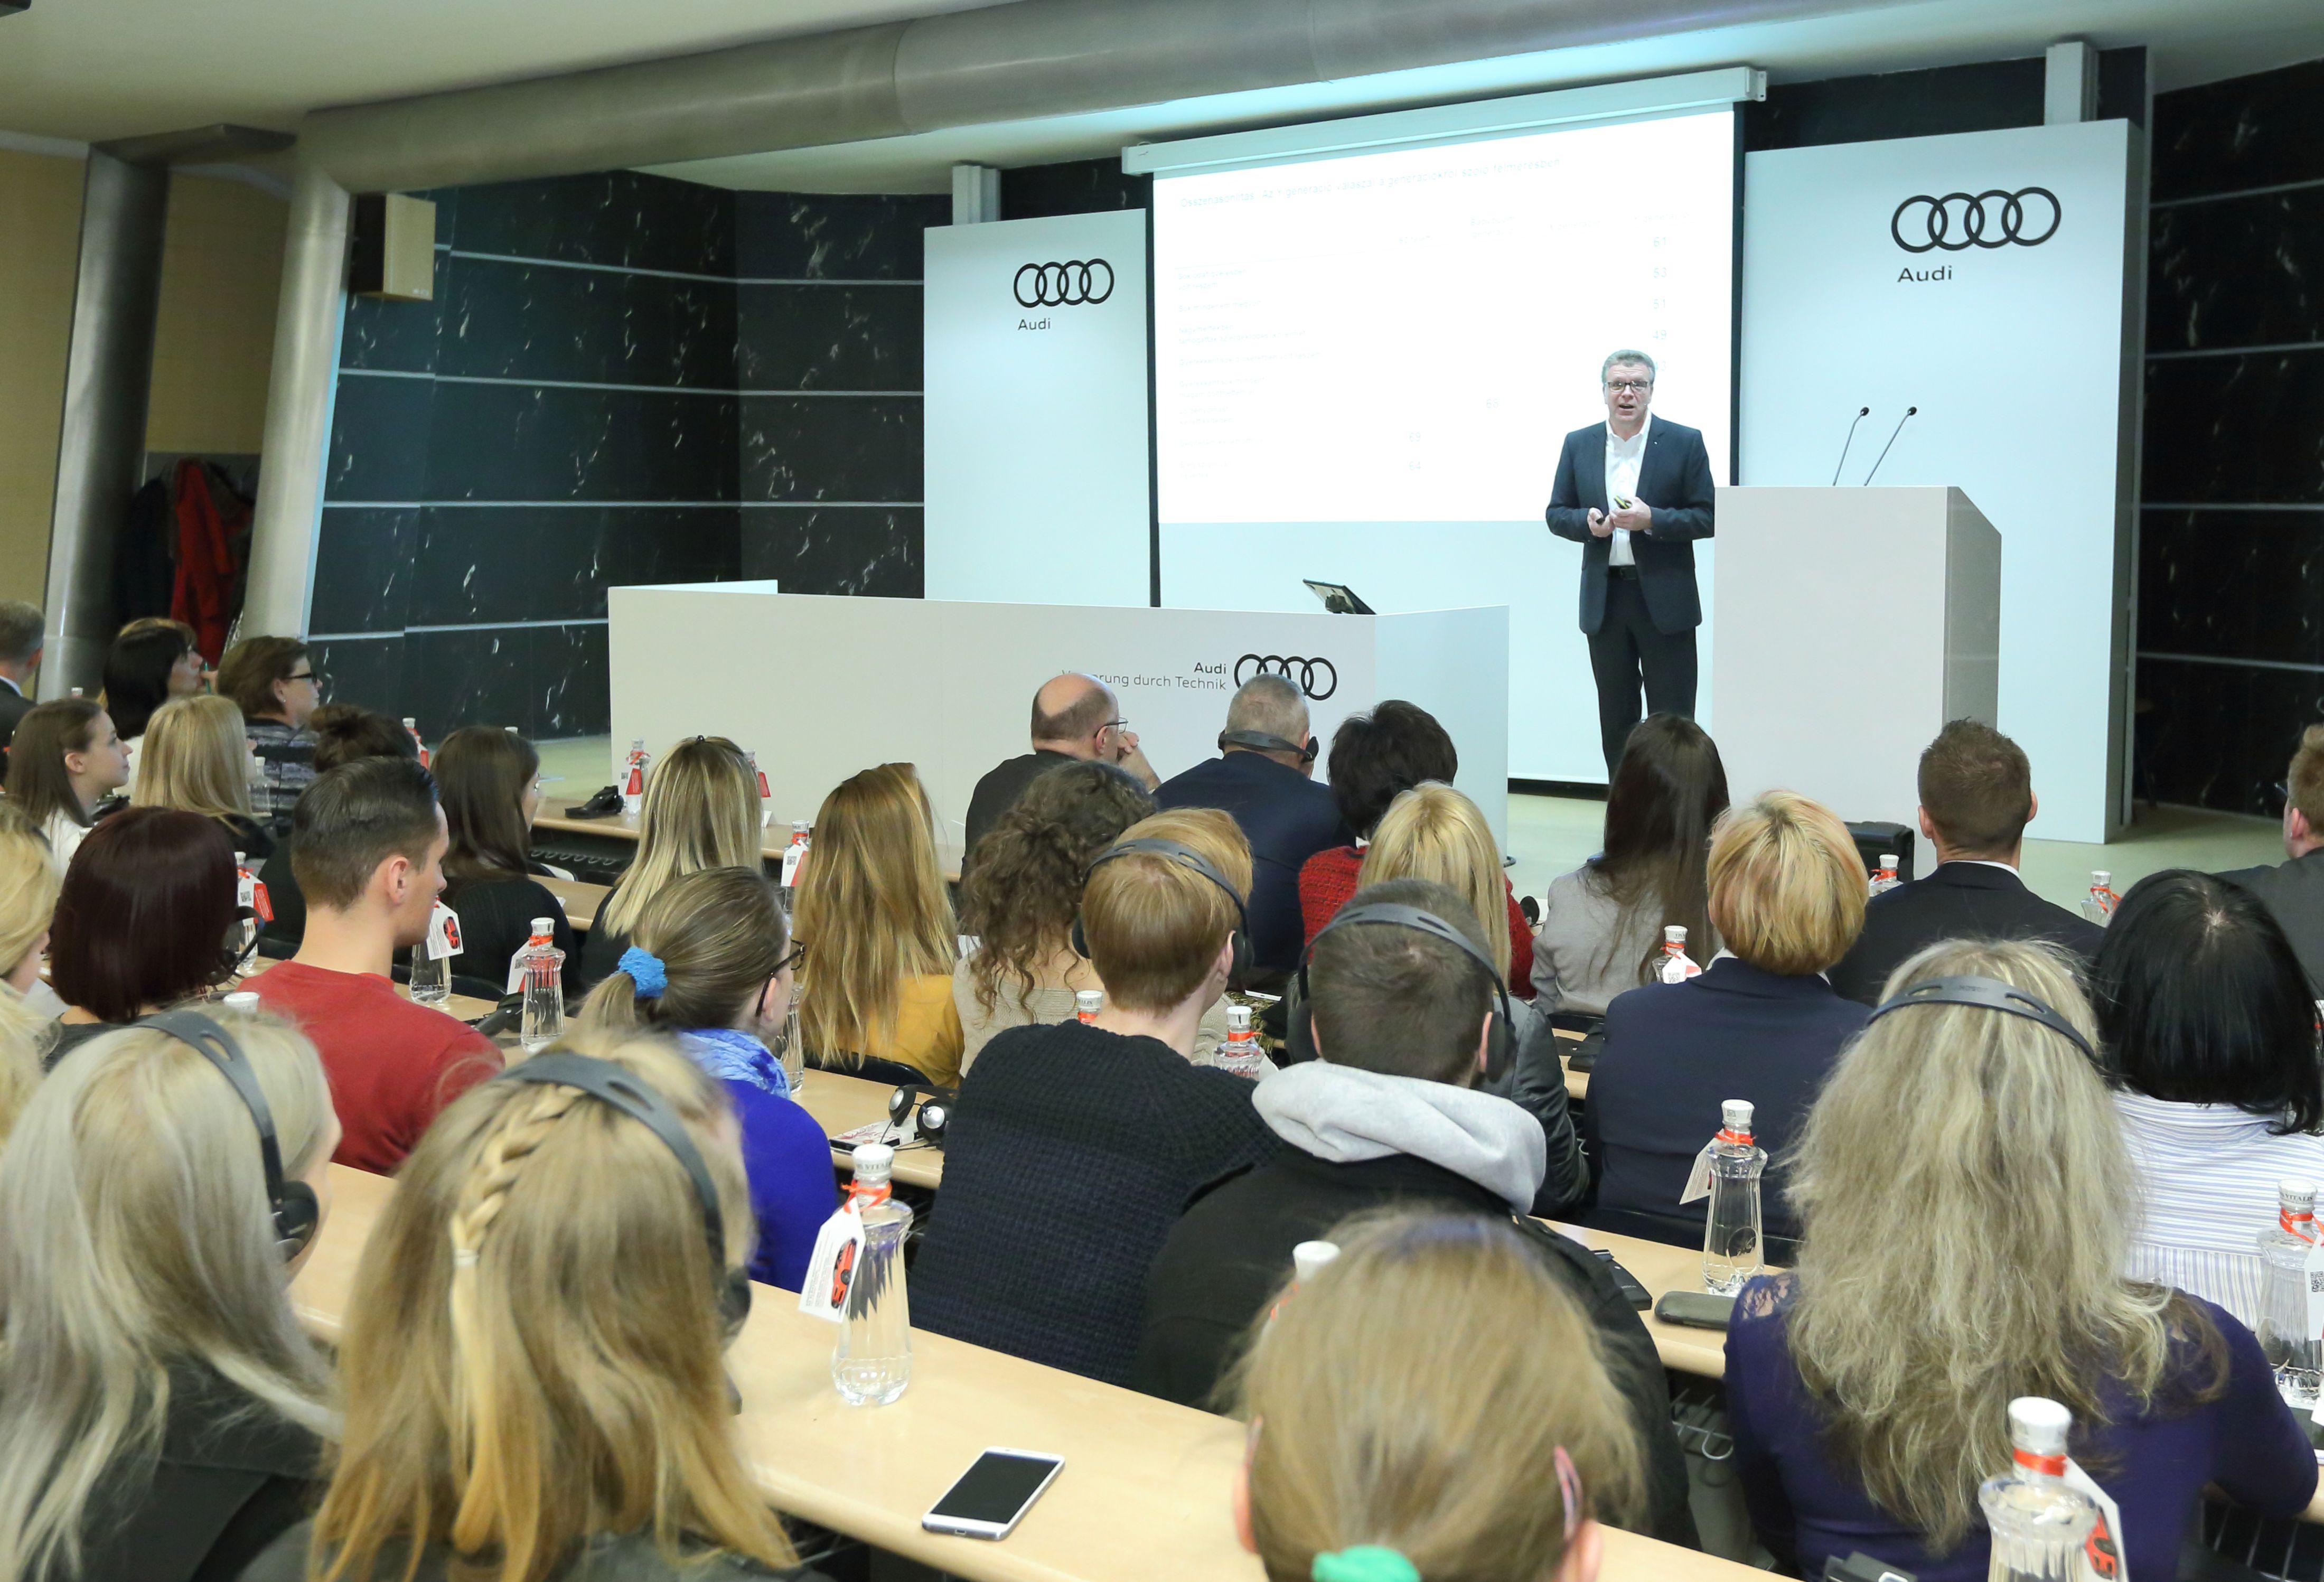 Generációmenedzsment az Audi példáján keresztül - Prof. h.c. Thomas Sigi előadása